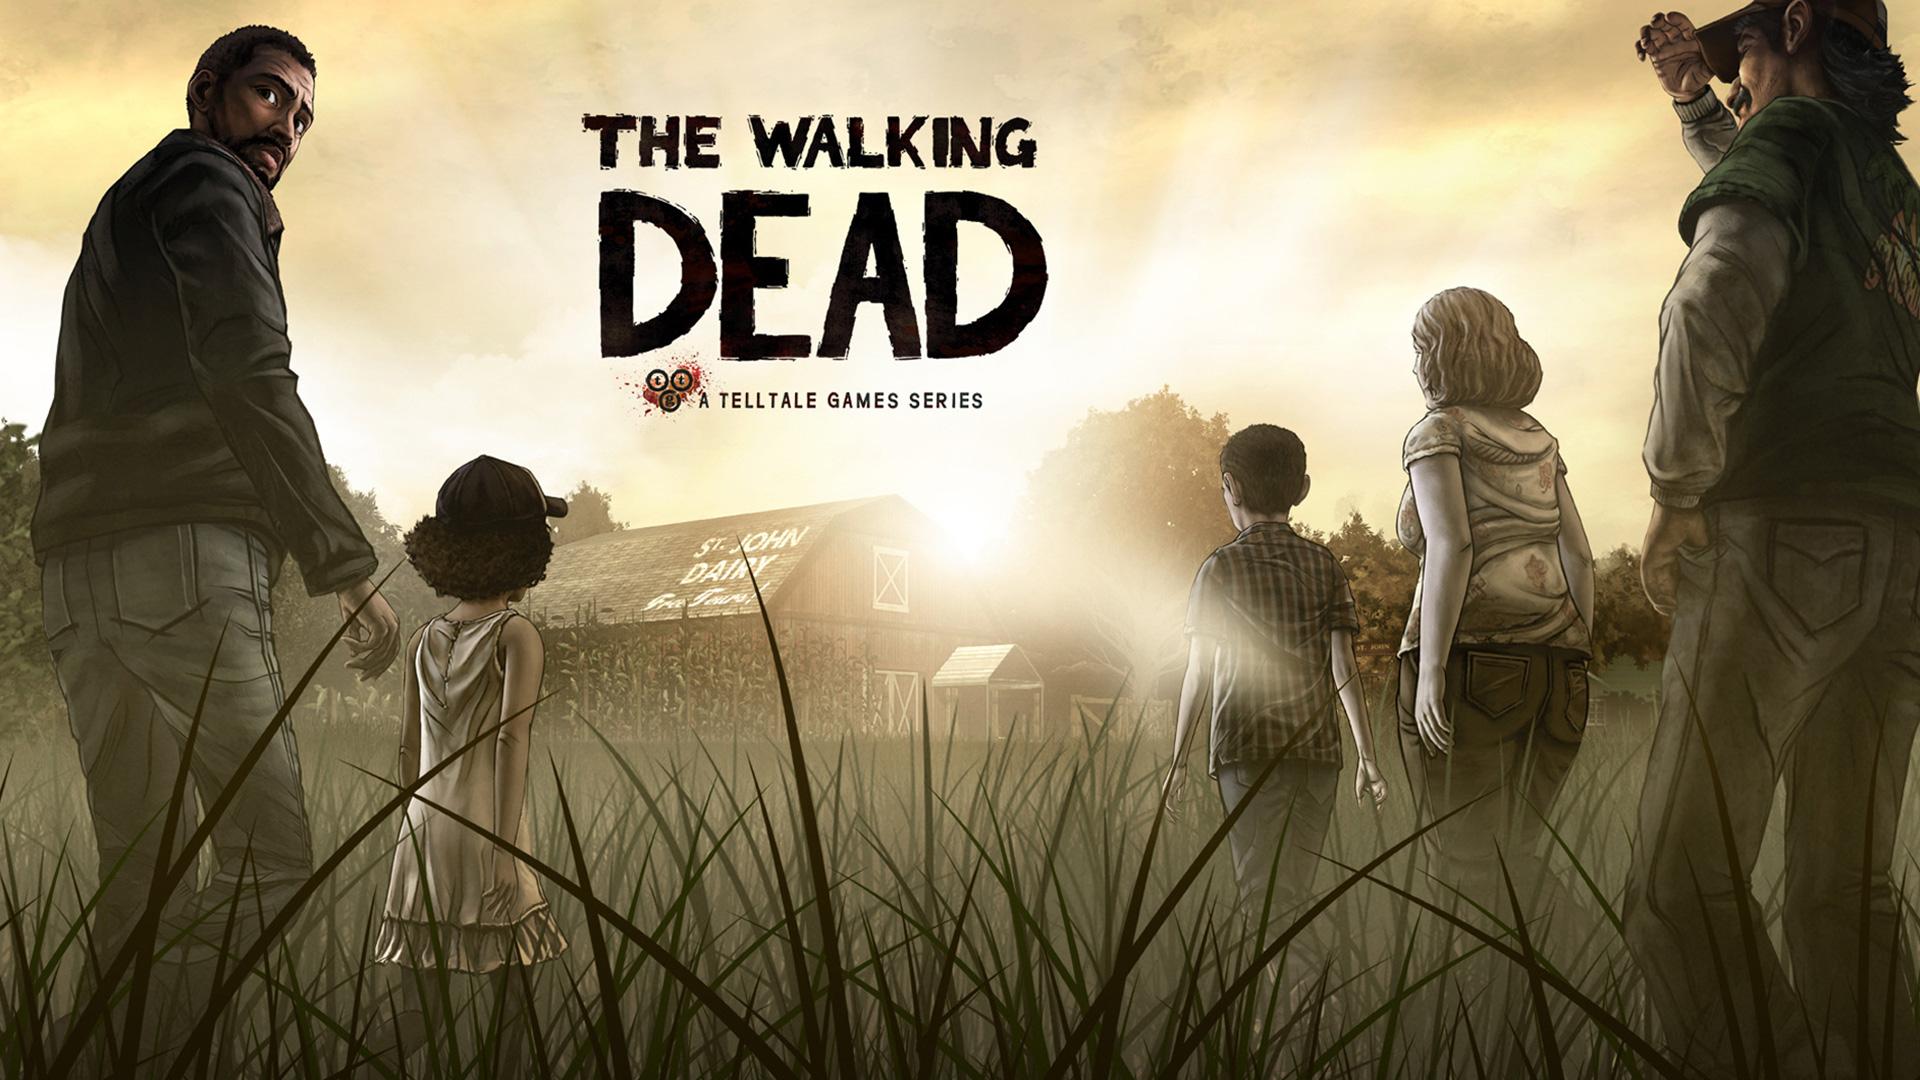 Free The Walking Dead Wallpaper in 1920x1080